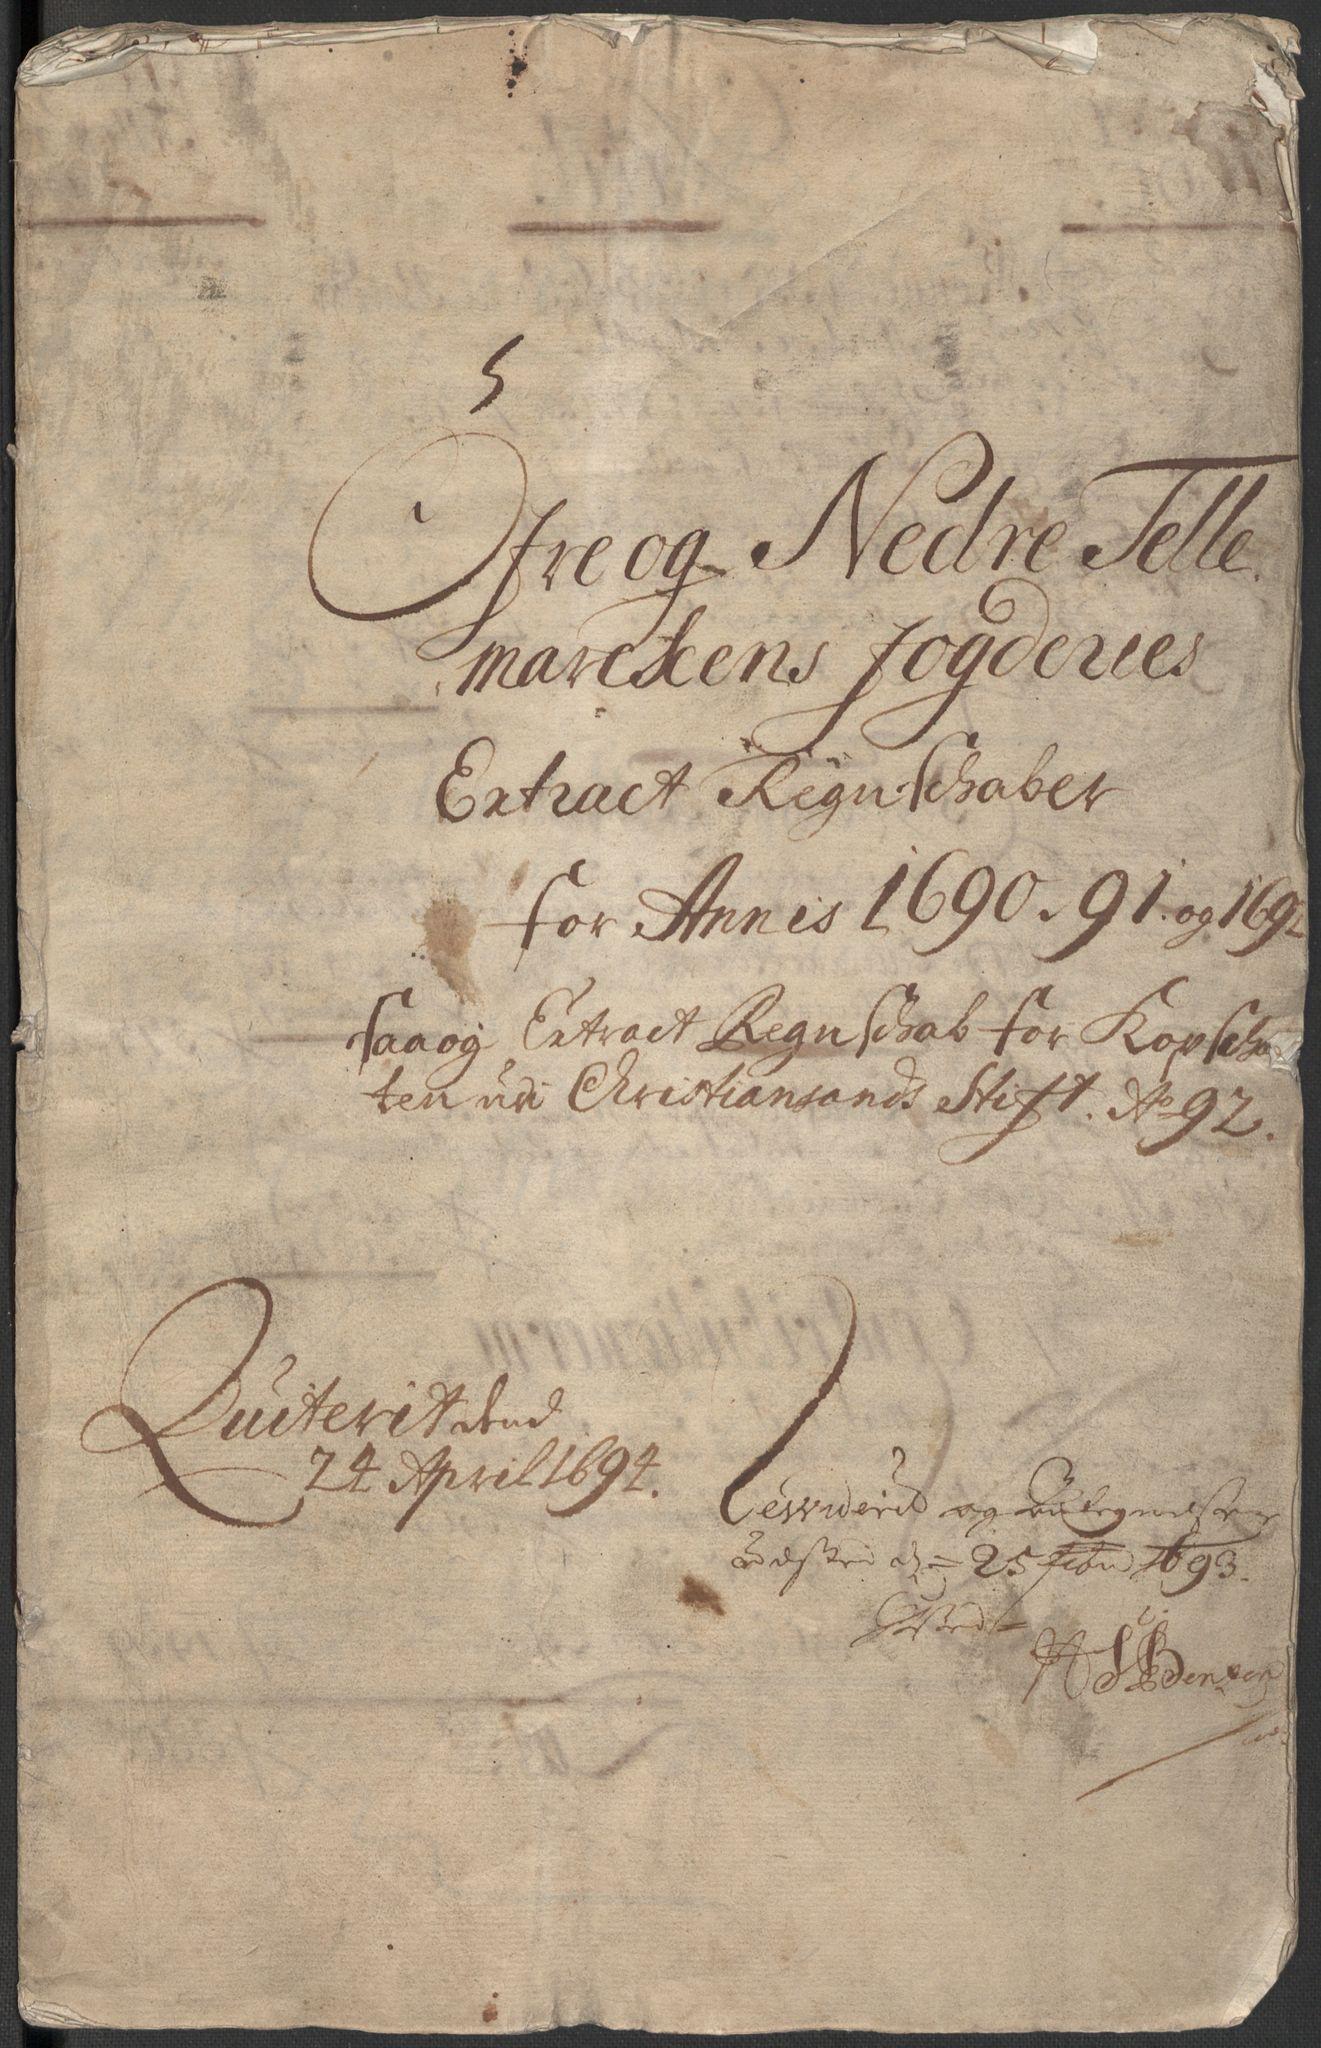 RA, Rentekammeret inntil 1814, Reviderte regnskaper, Fogderegnskap, R35/L2089: Fogderegnskap Øvre og Nedre Telemark, 1690-1692, s. 4